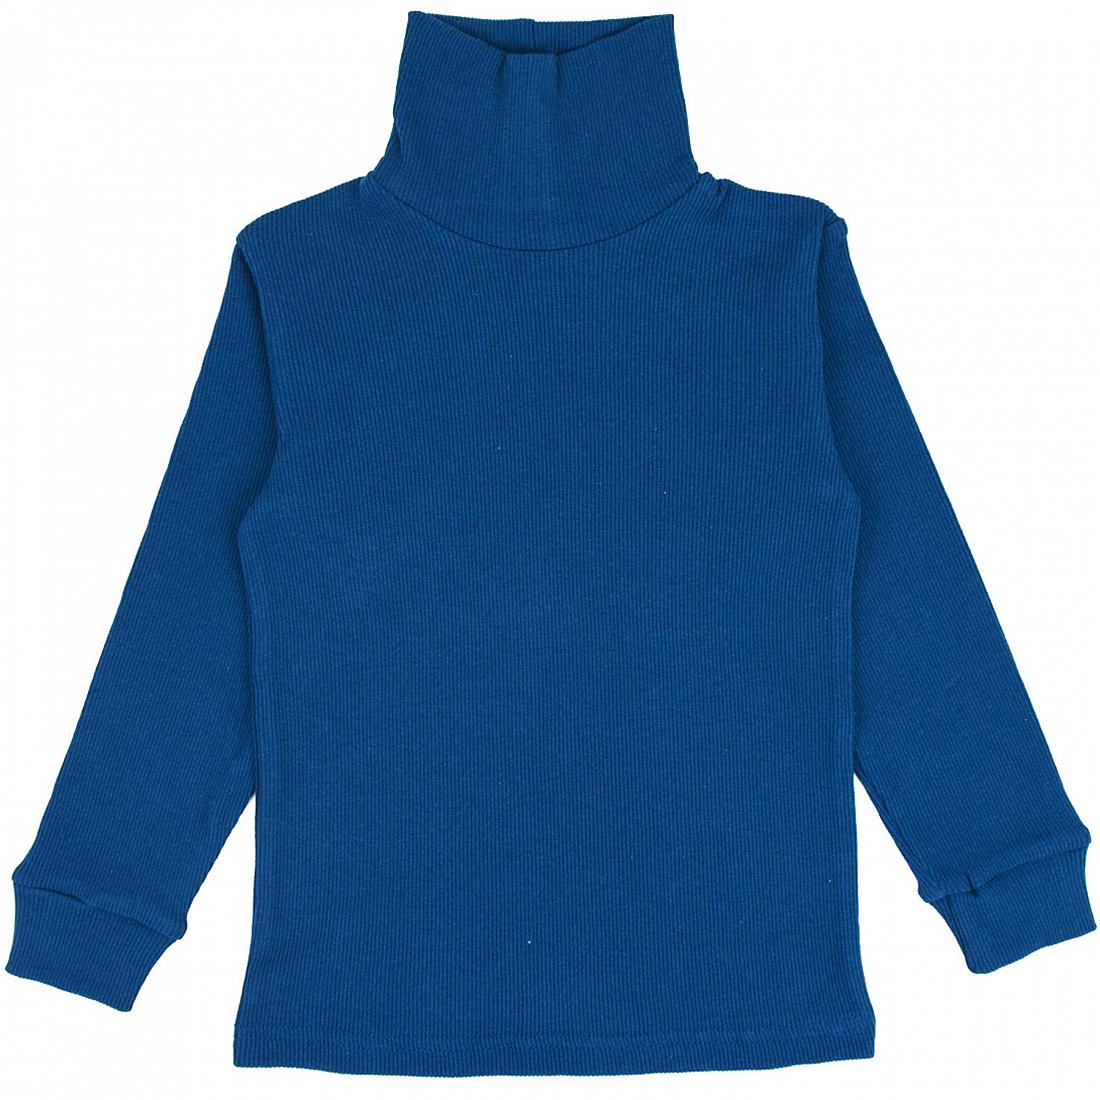 Купить 063К, Водолазка детская Юлла, цв. синий р. 134, Водолазки для мальчиков